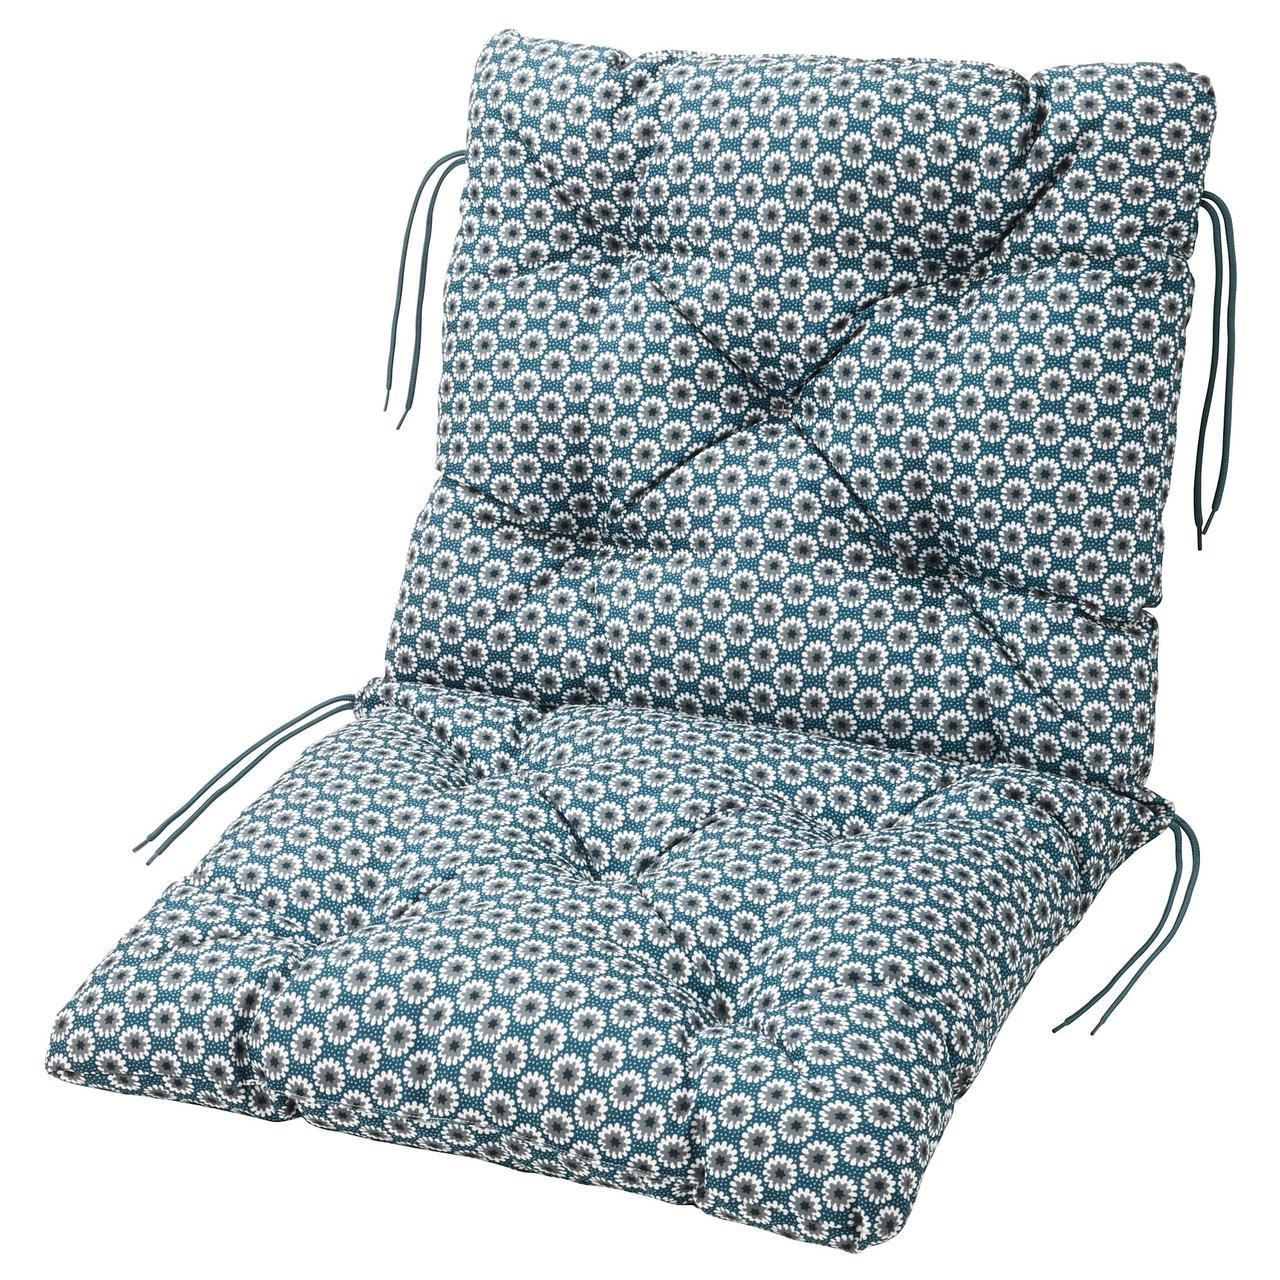 ИТТЕРОН Подушка на садовую мебель, синий